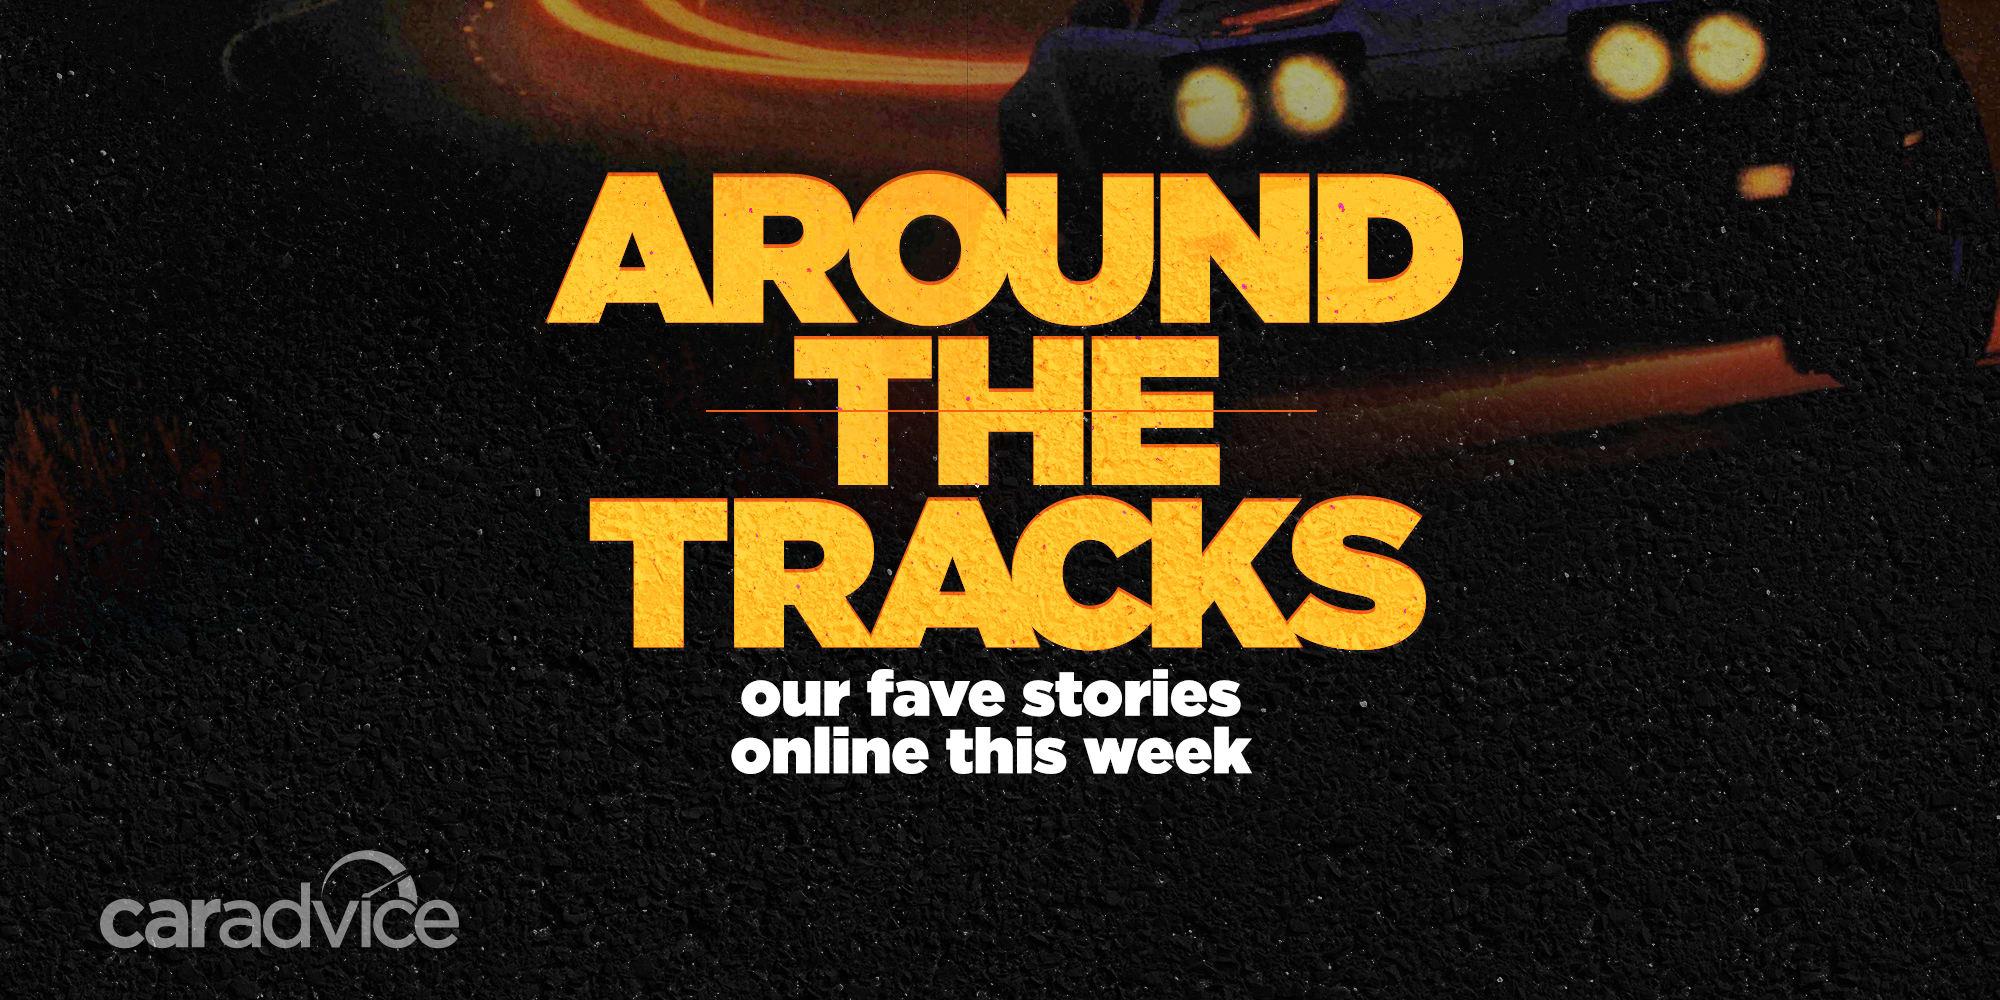 Xung quanh đường đua: Những cuộc rượt đuổi bằng ô tô trong phim đã thay đổi như thế nào trong suốt thời gian - 1/2